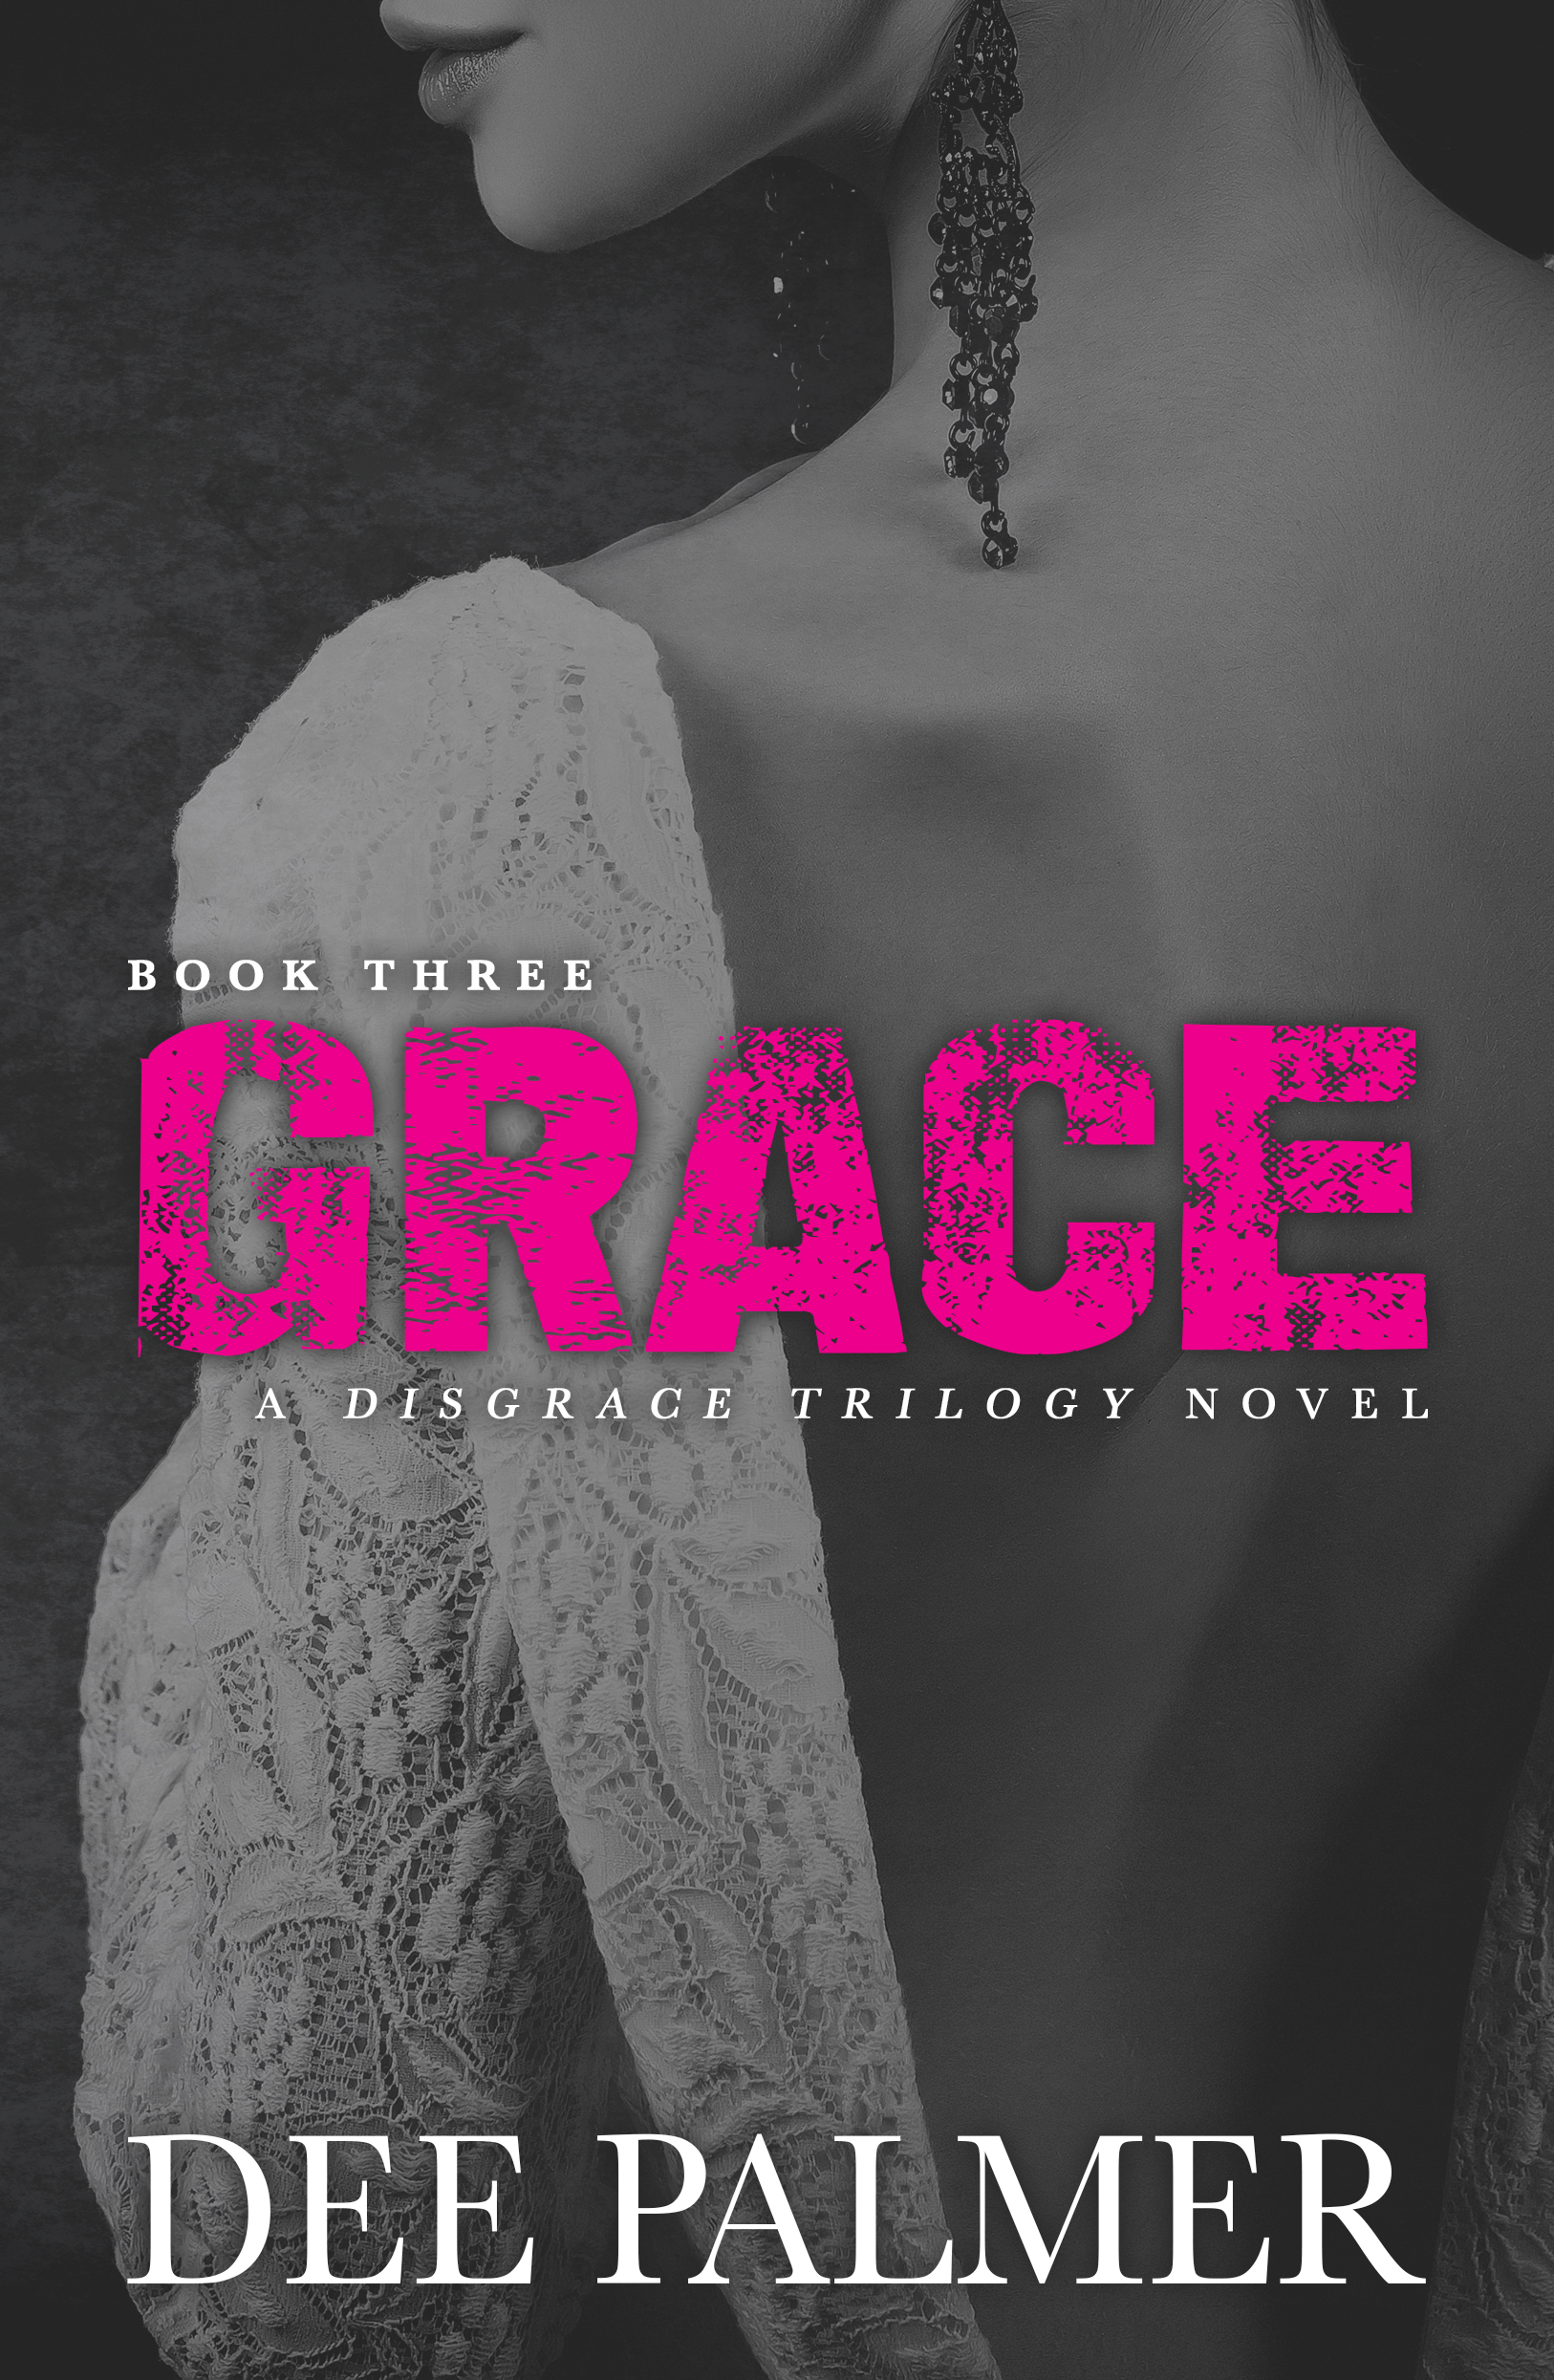 Disgrace Trilogy Choices Trilogy